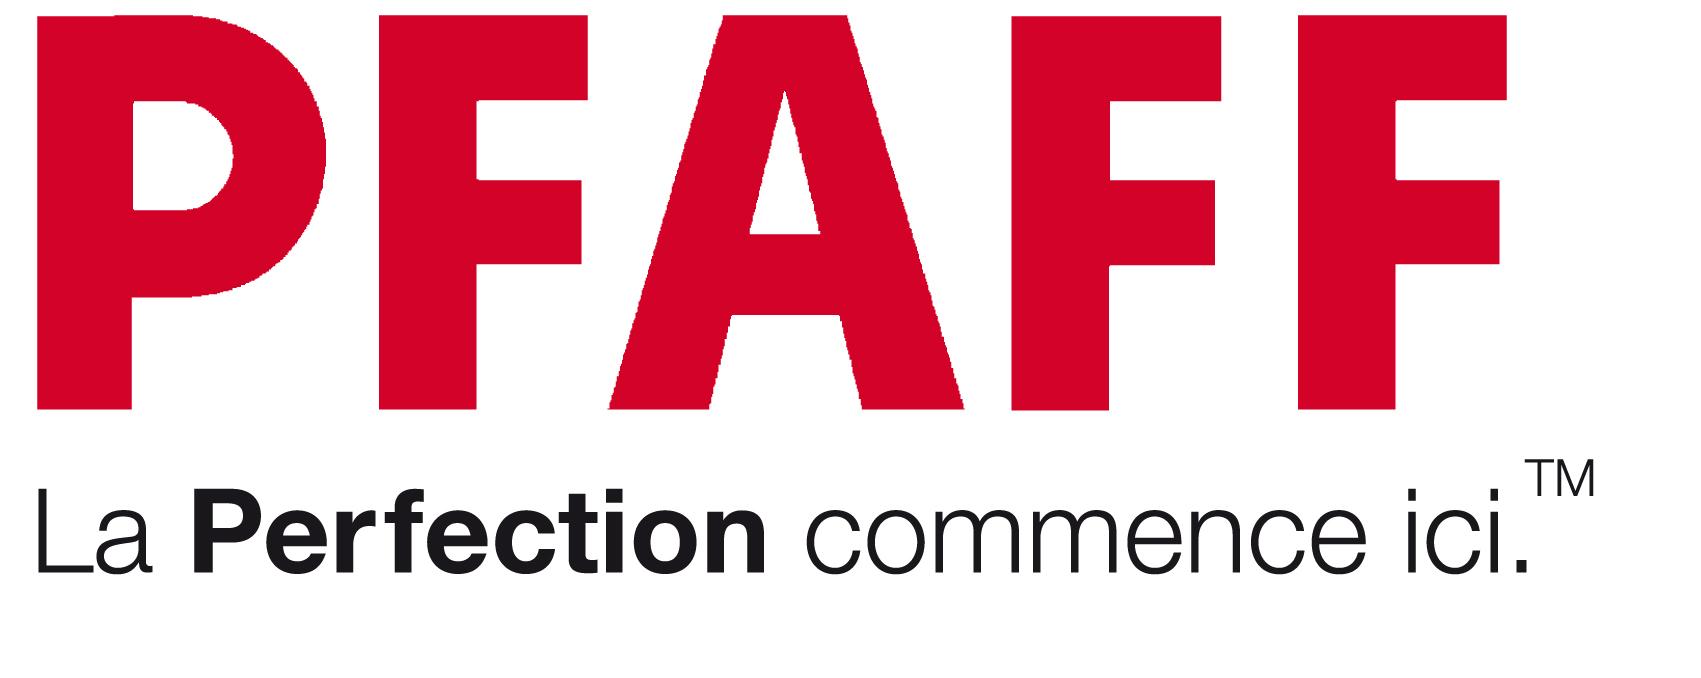 Cadres et modules de broderie PFAFF vendus par MAX&MACHINES - Revendeur agréé à Grenoble / Rhône-Alpes